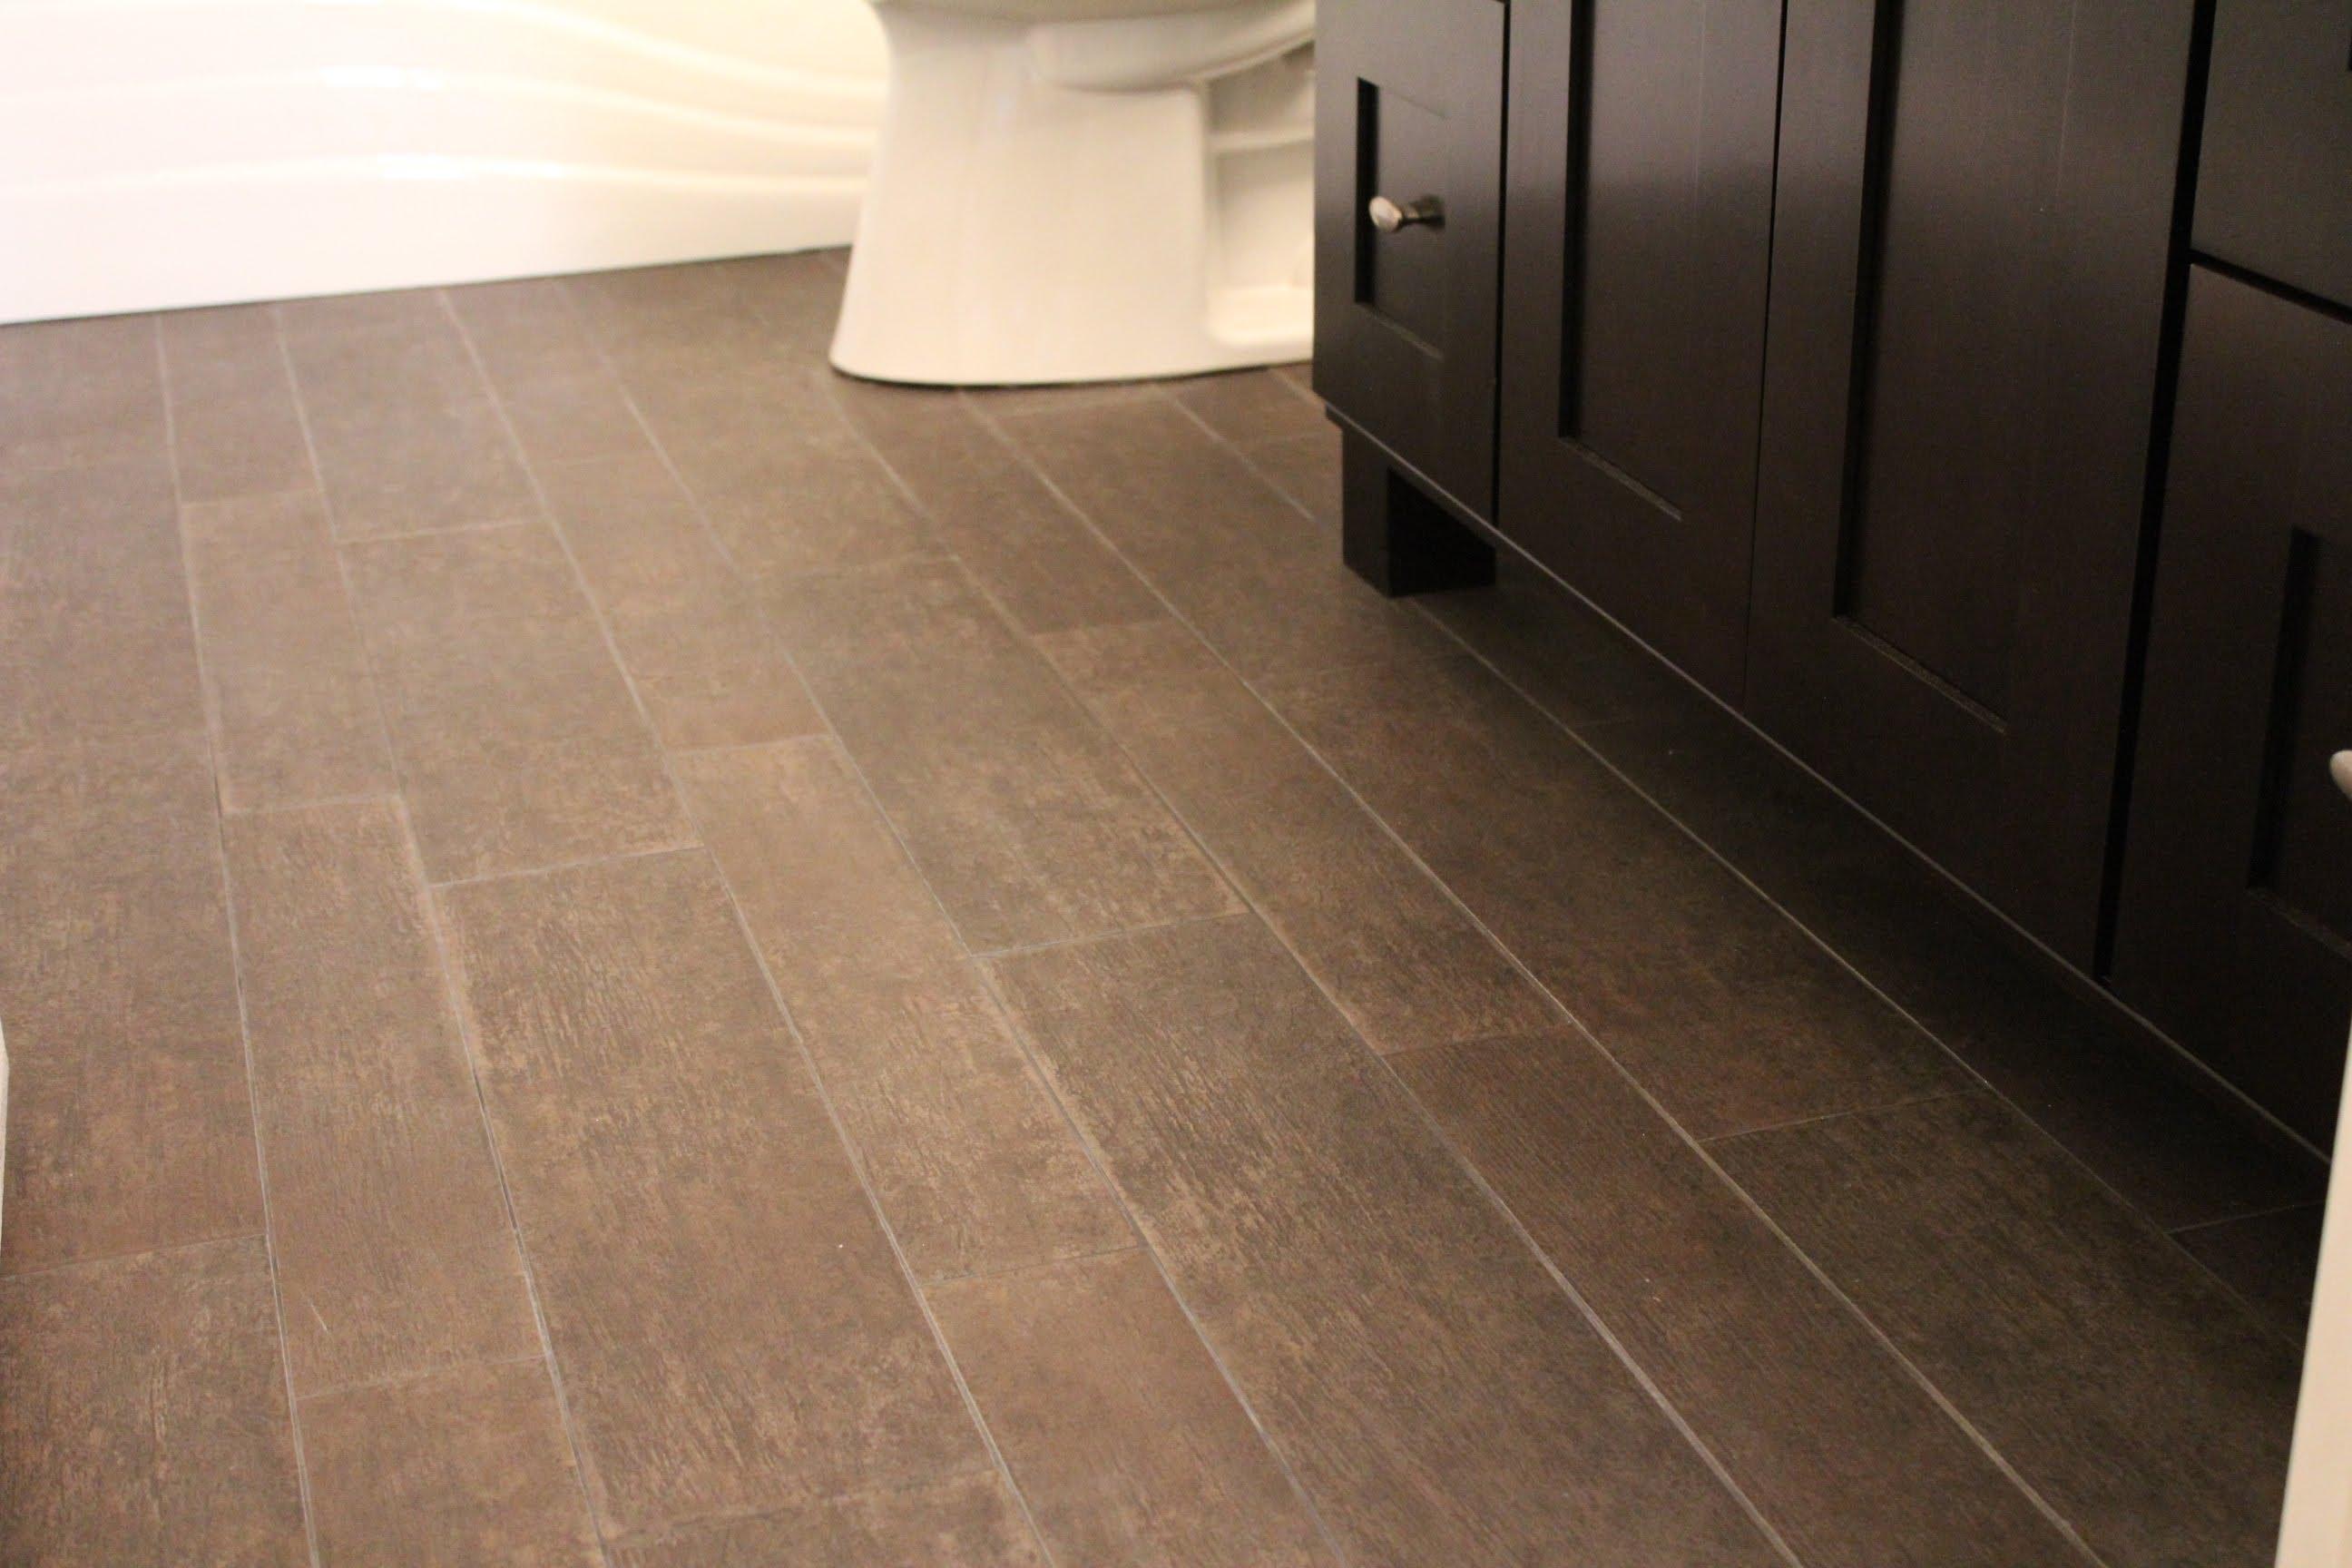 Tile hardwood installing tile that looks like hardwood - youtube XLKOHDX